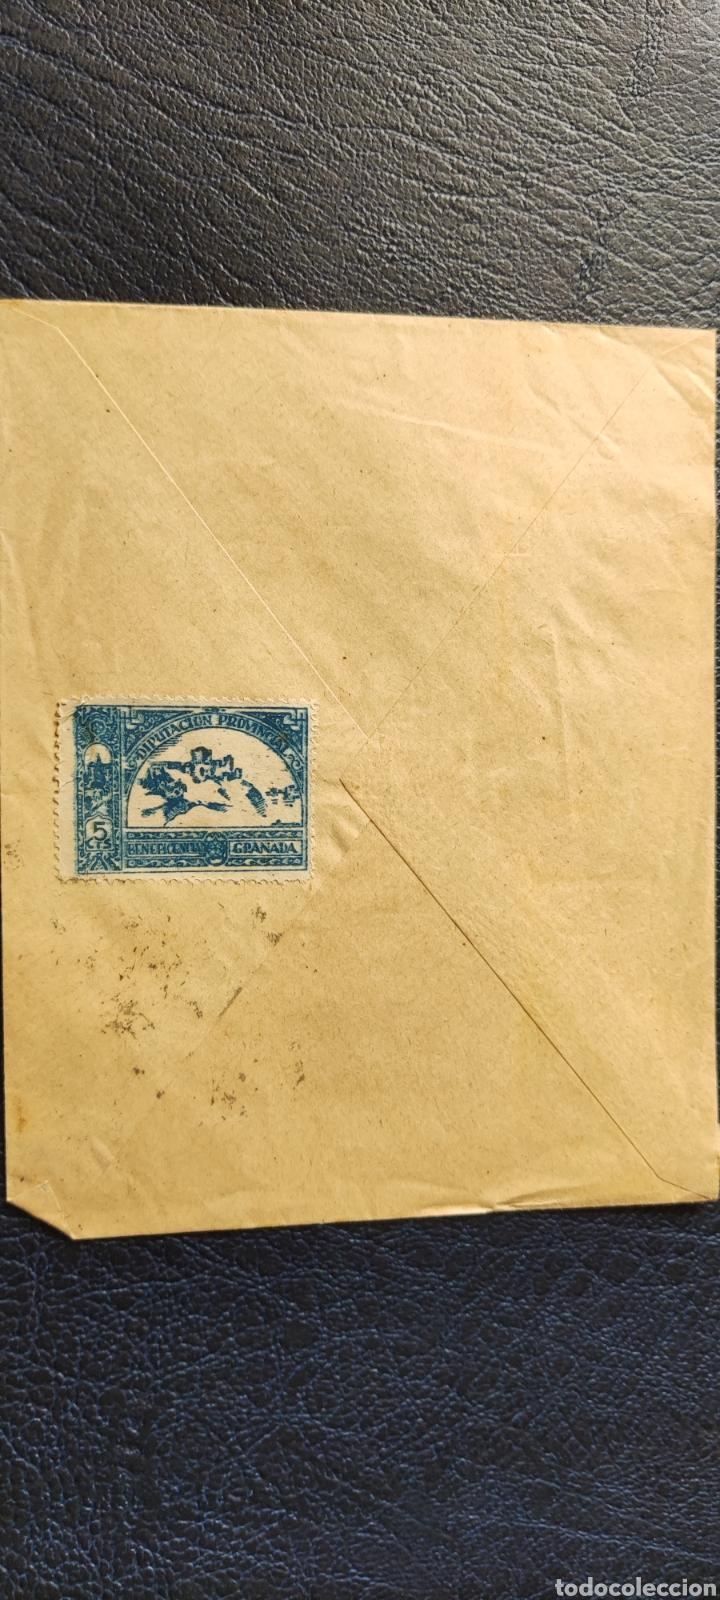 Sellos: Guerra civil carta con viñeta diputación provincial beneficencia granada 1939 - Foto 2 - 245295405